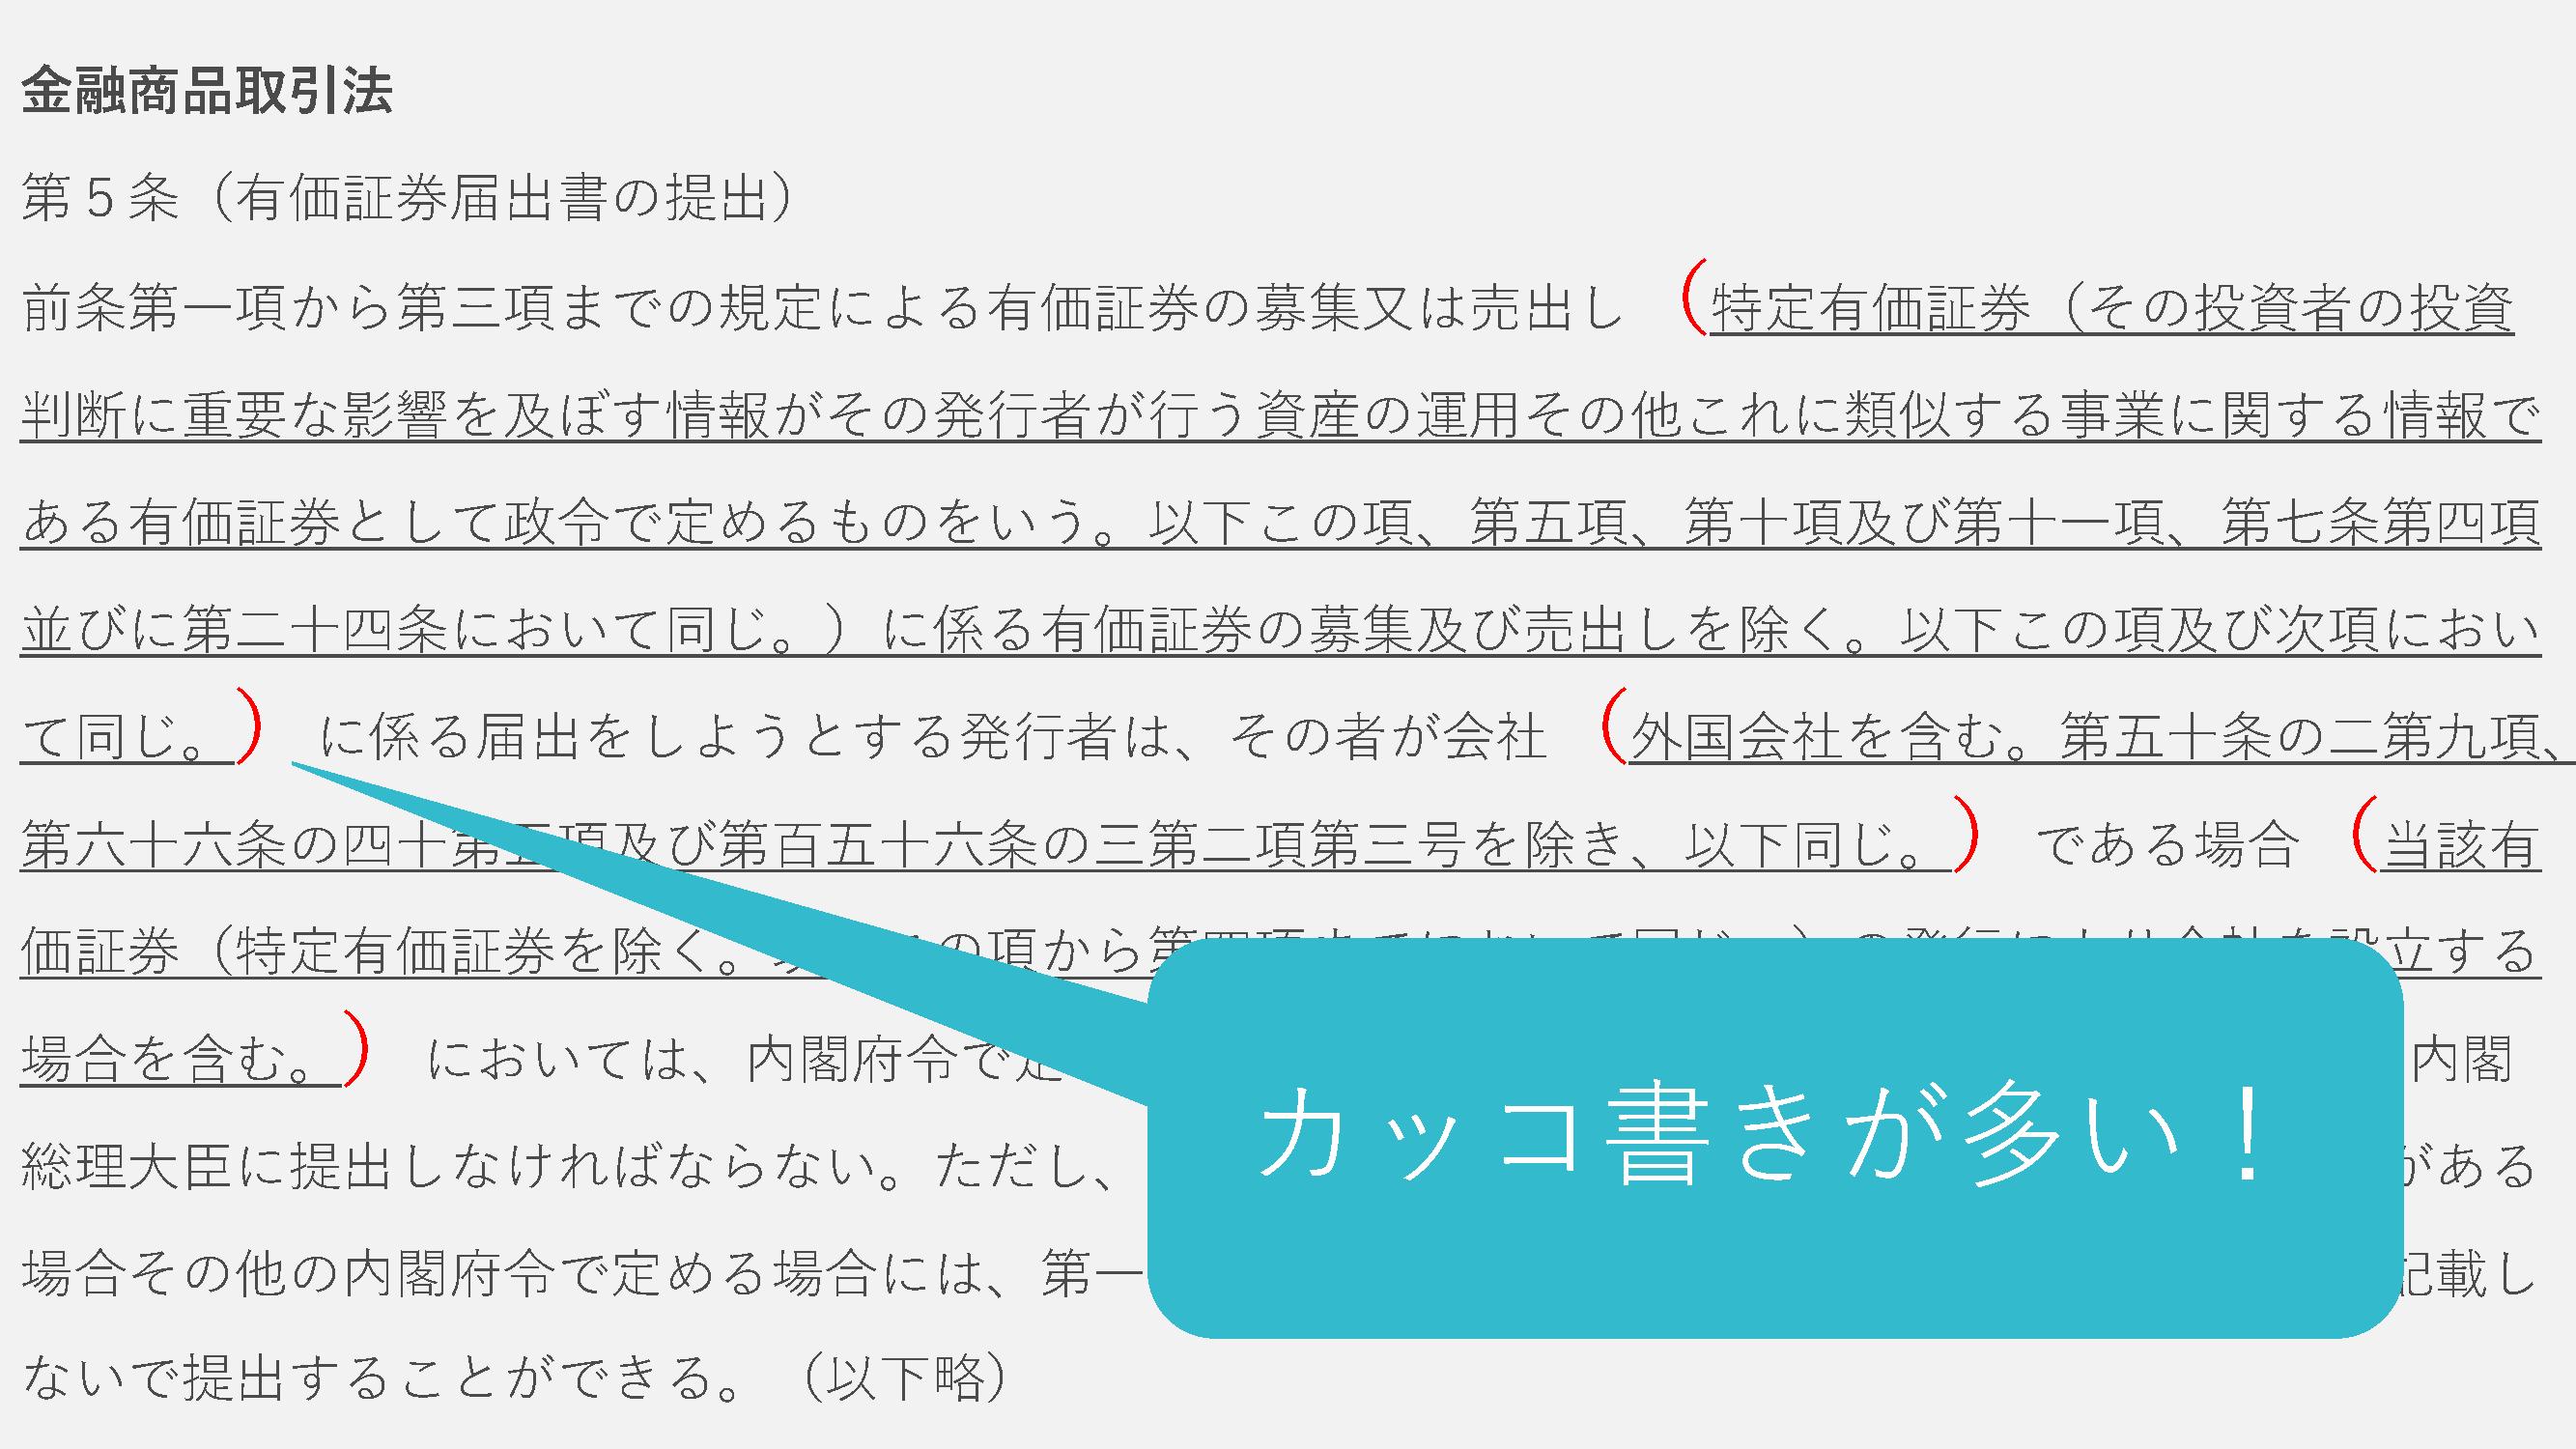 GGAプレゼン資料 2_アップ用_ページ_6.png